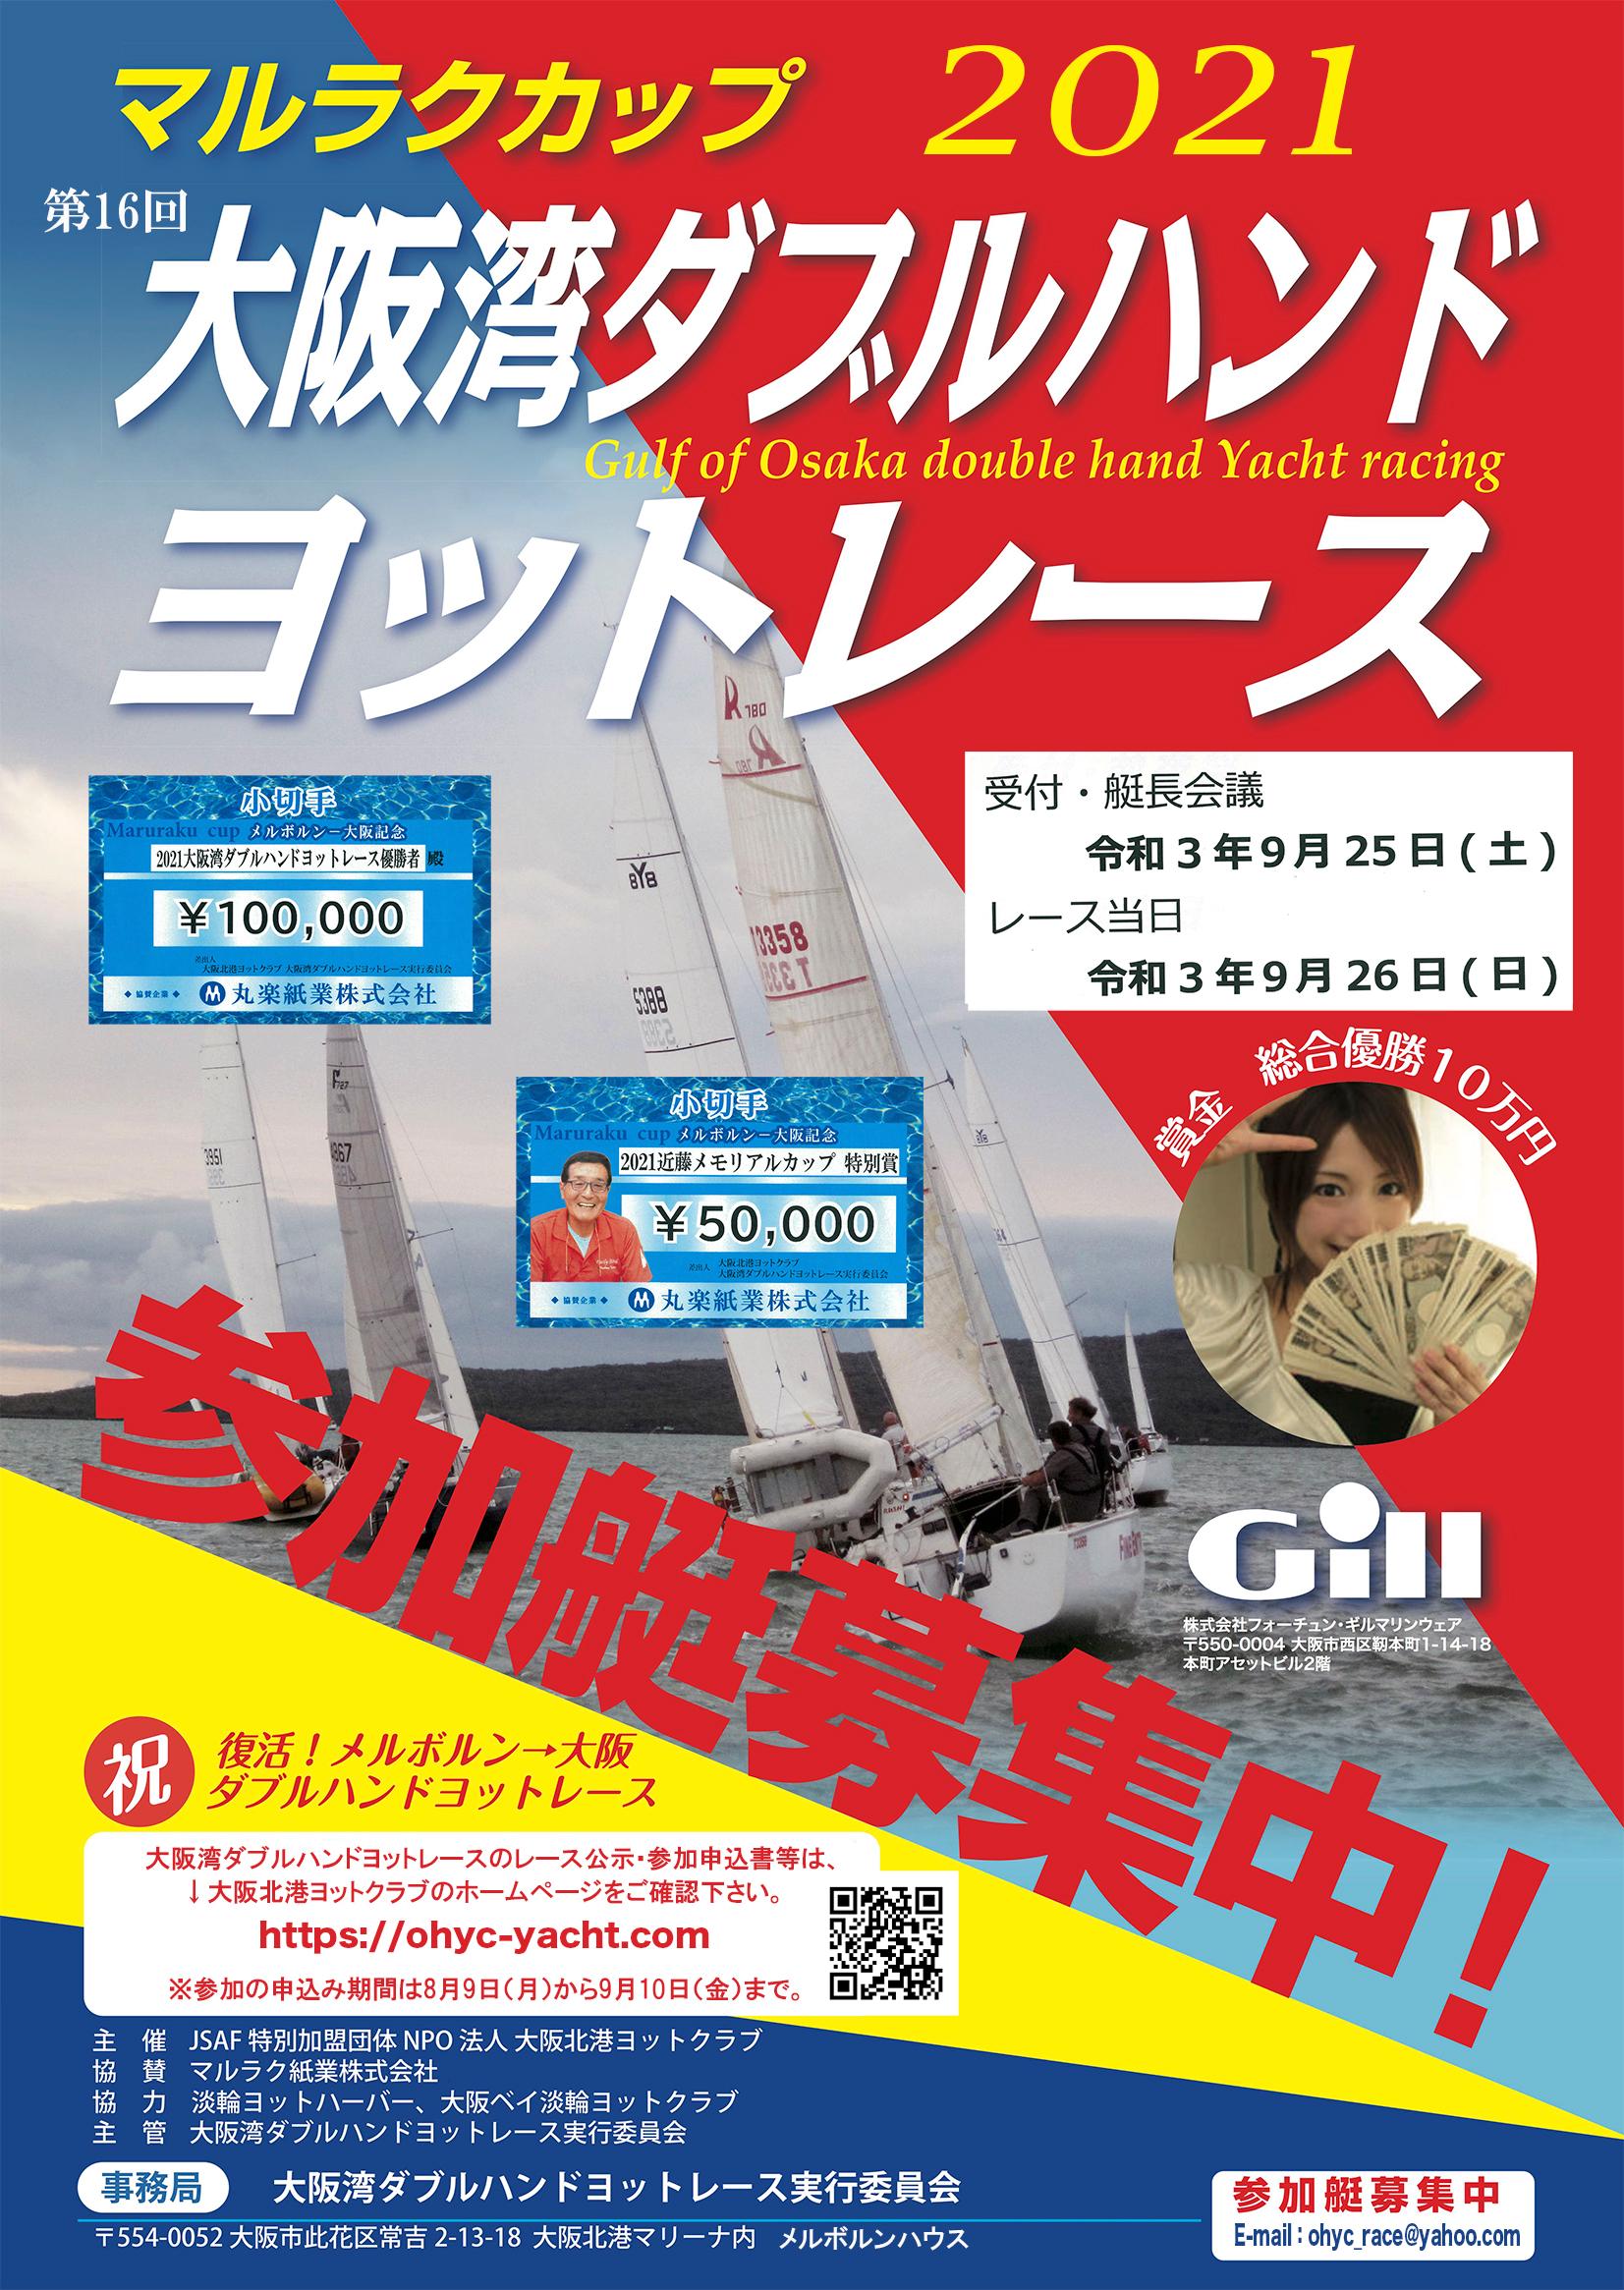 第16回 マルラクカップ 大阪湾ダブルハンド ヨットレース